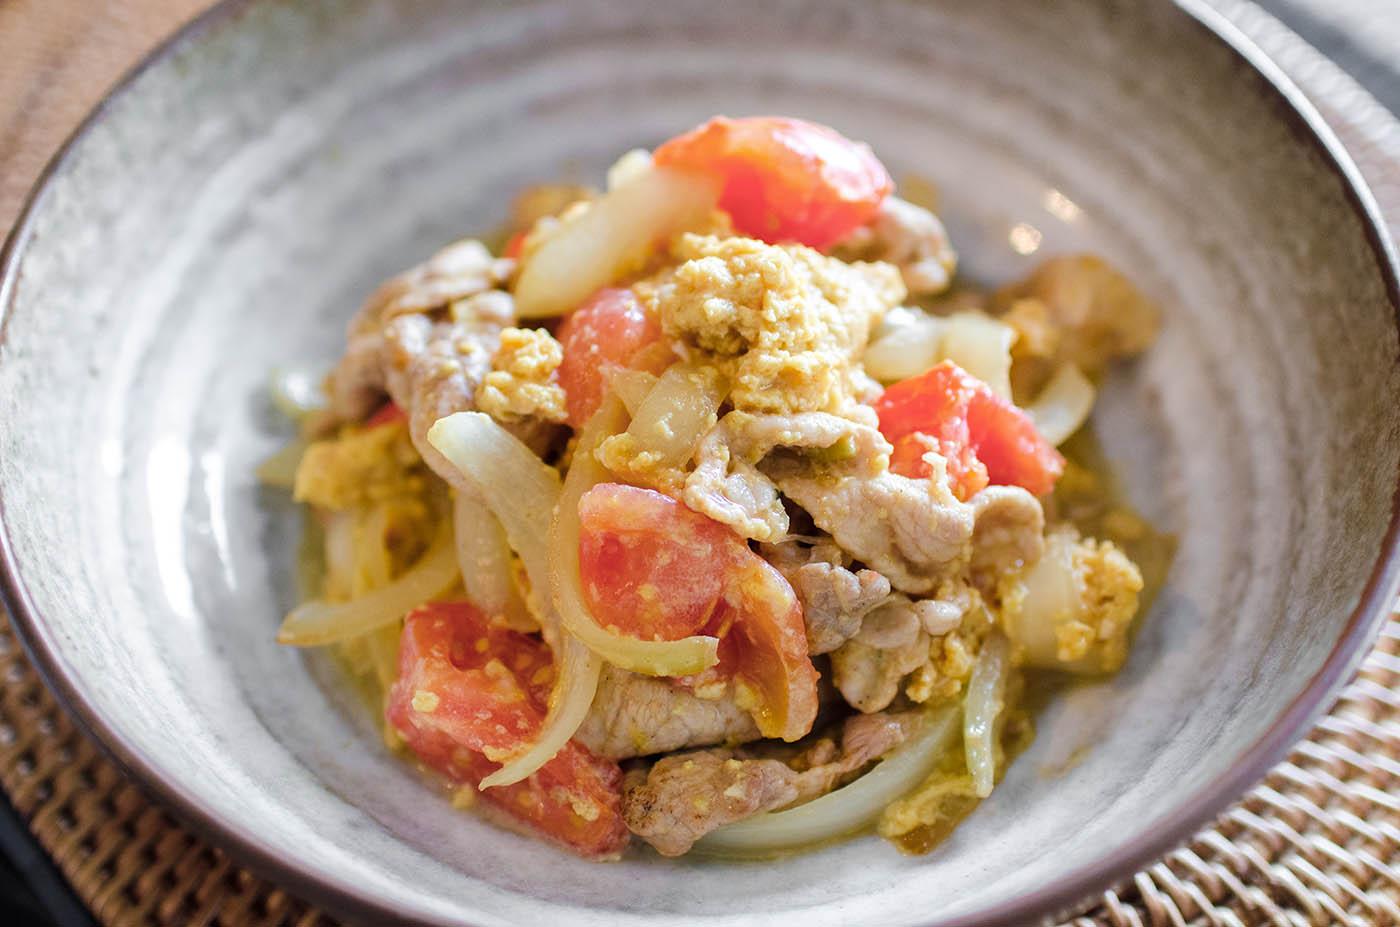 肉体的疲労を回復する夕食 トマトと豚肉の玉子炒め